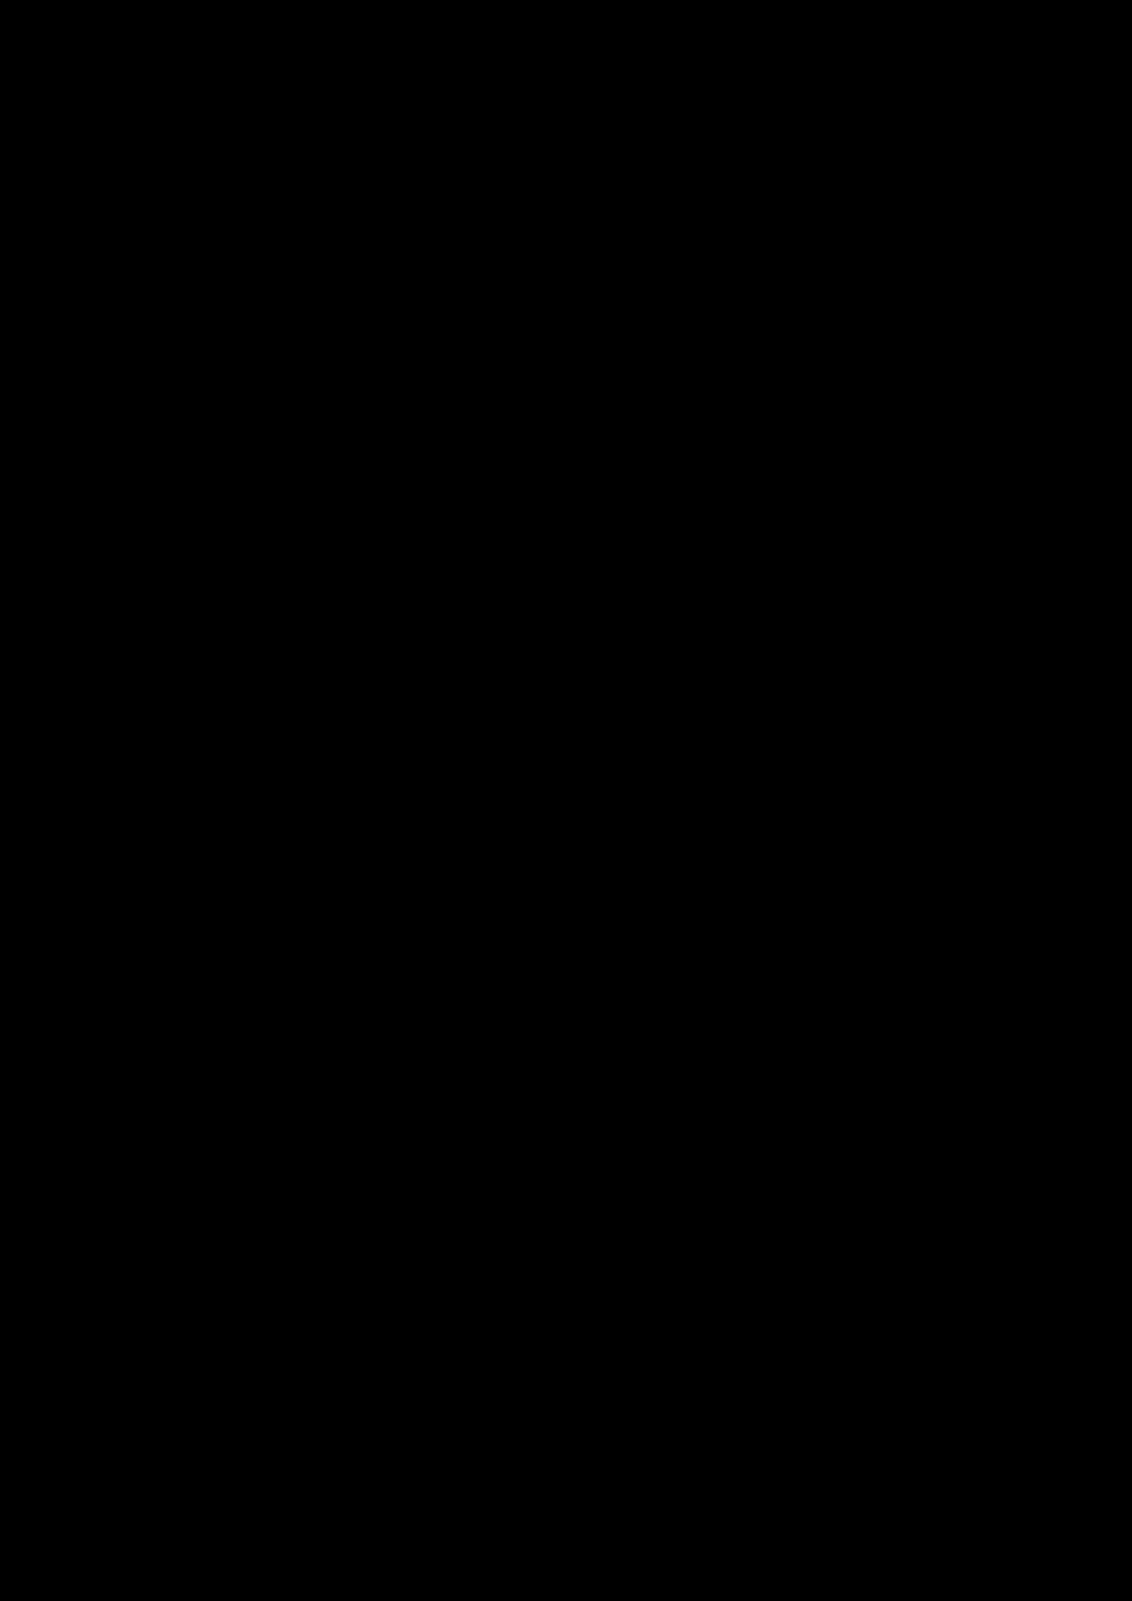 Toccata A-moll slide, Image 6